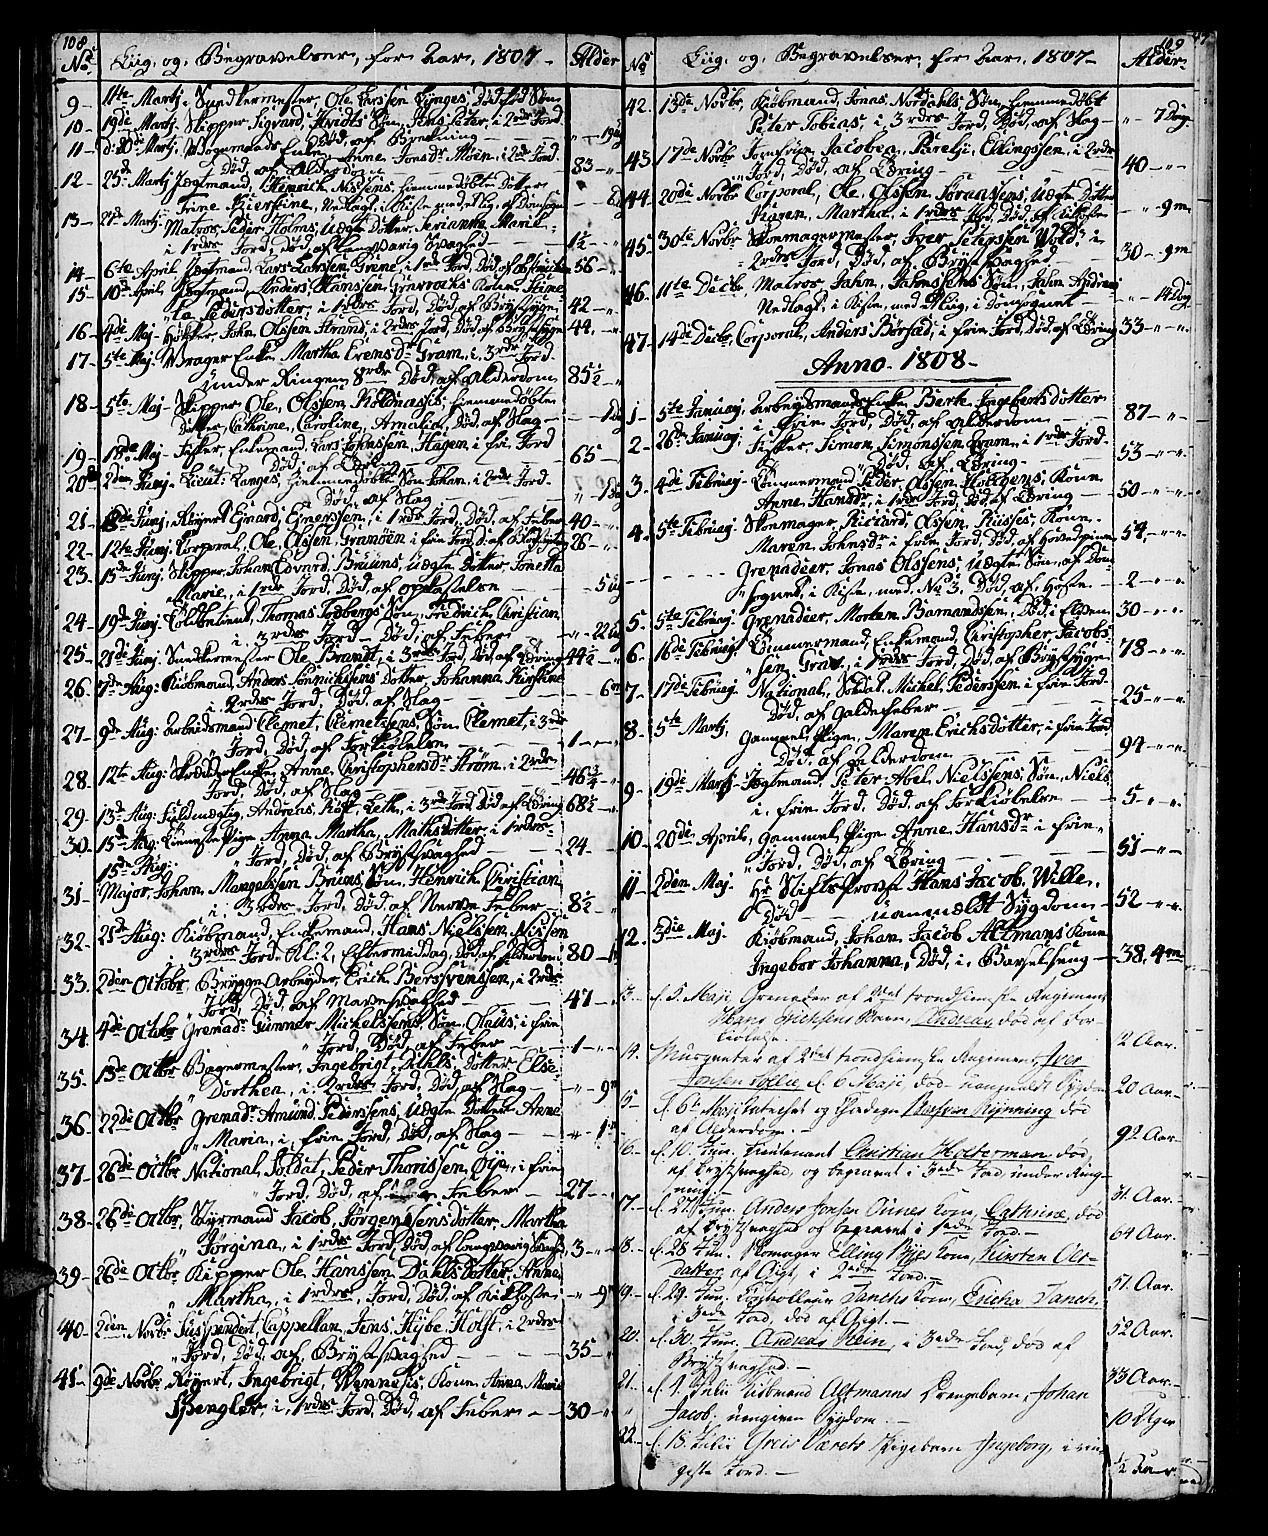 SAT, Ministerialprotokoller, klokkerbøker og fødselsregistre - Sør-Trøndelag, 602/L0134: Klokkerbok nr. 602C02, 1759-1812, s. 108-109